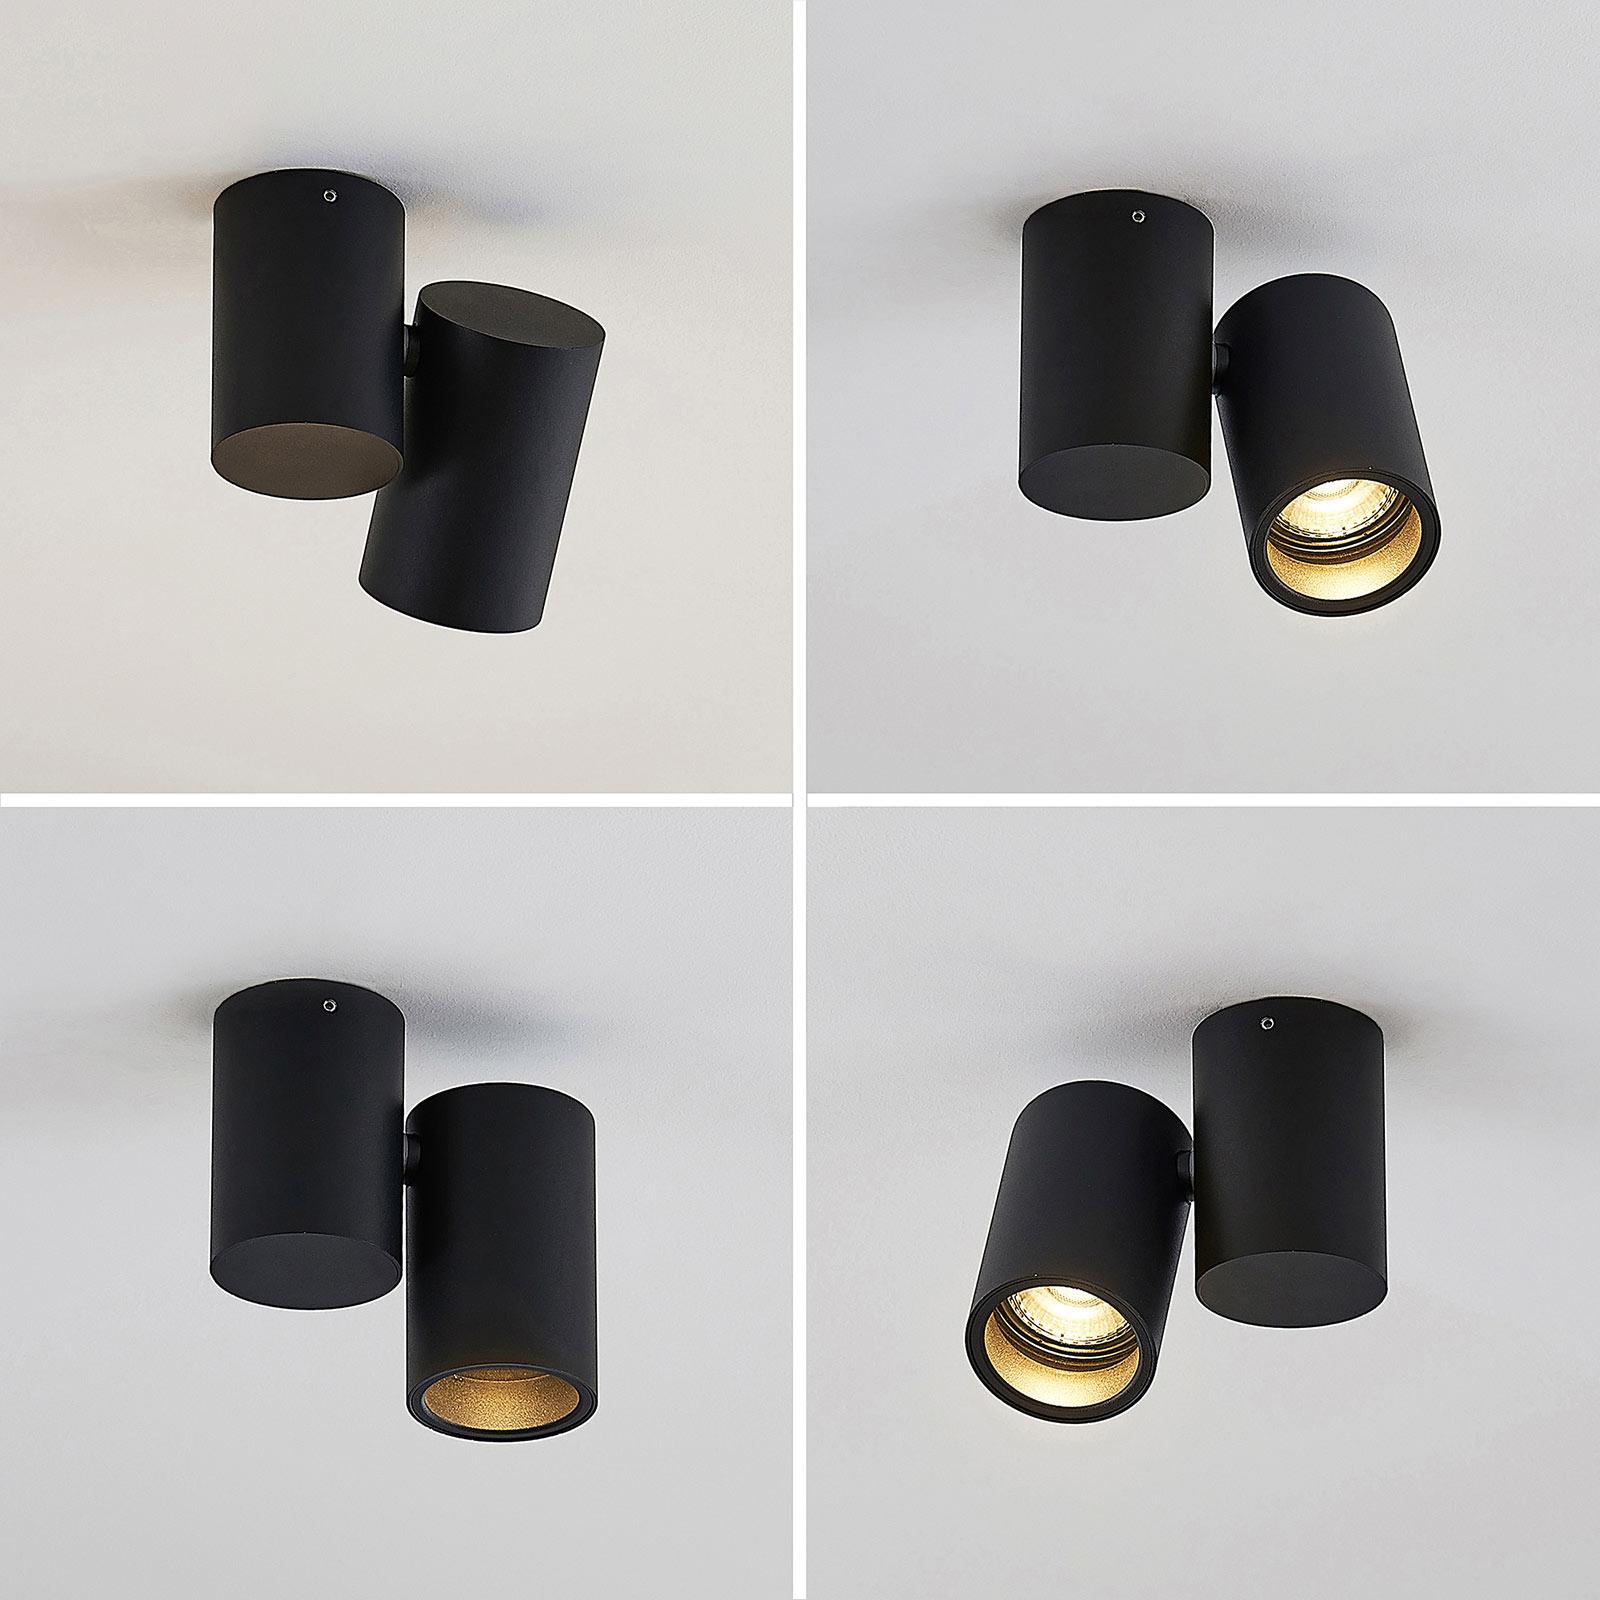 Deckenlampe Gesina, einflammig, schwarz